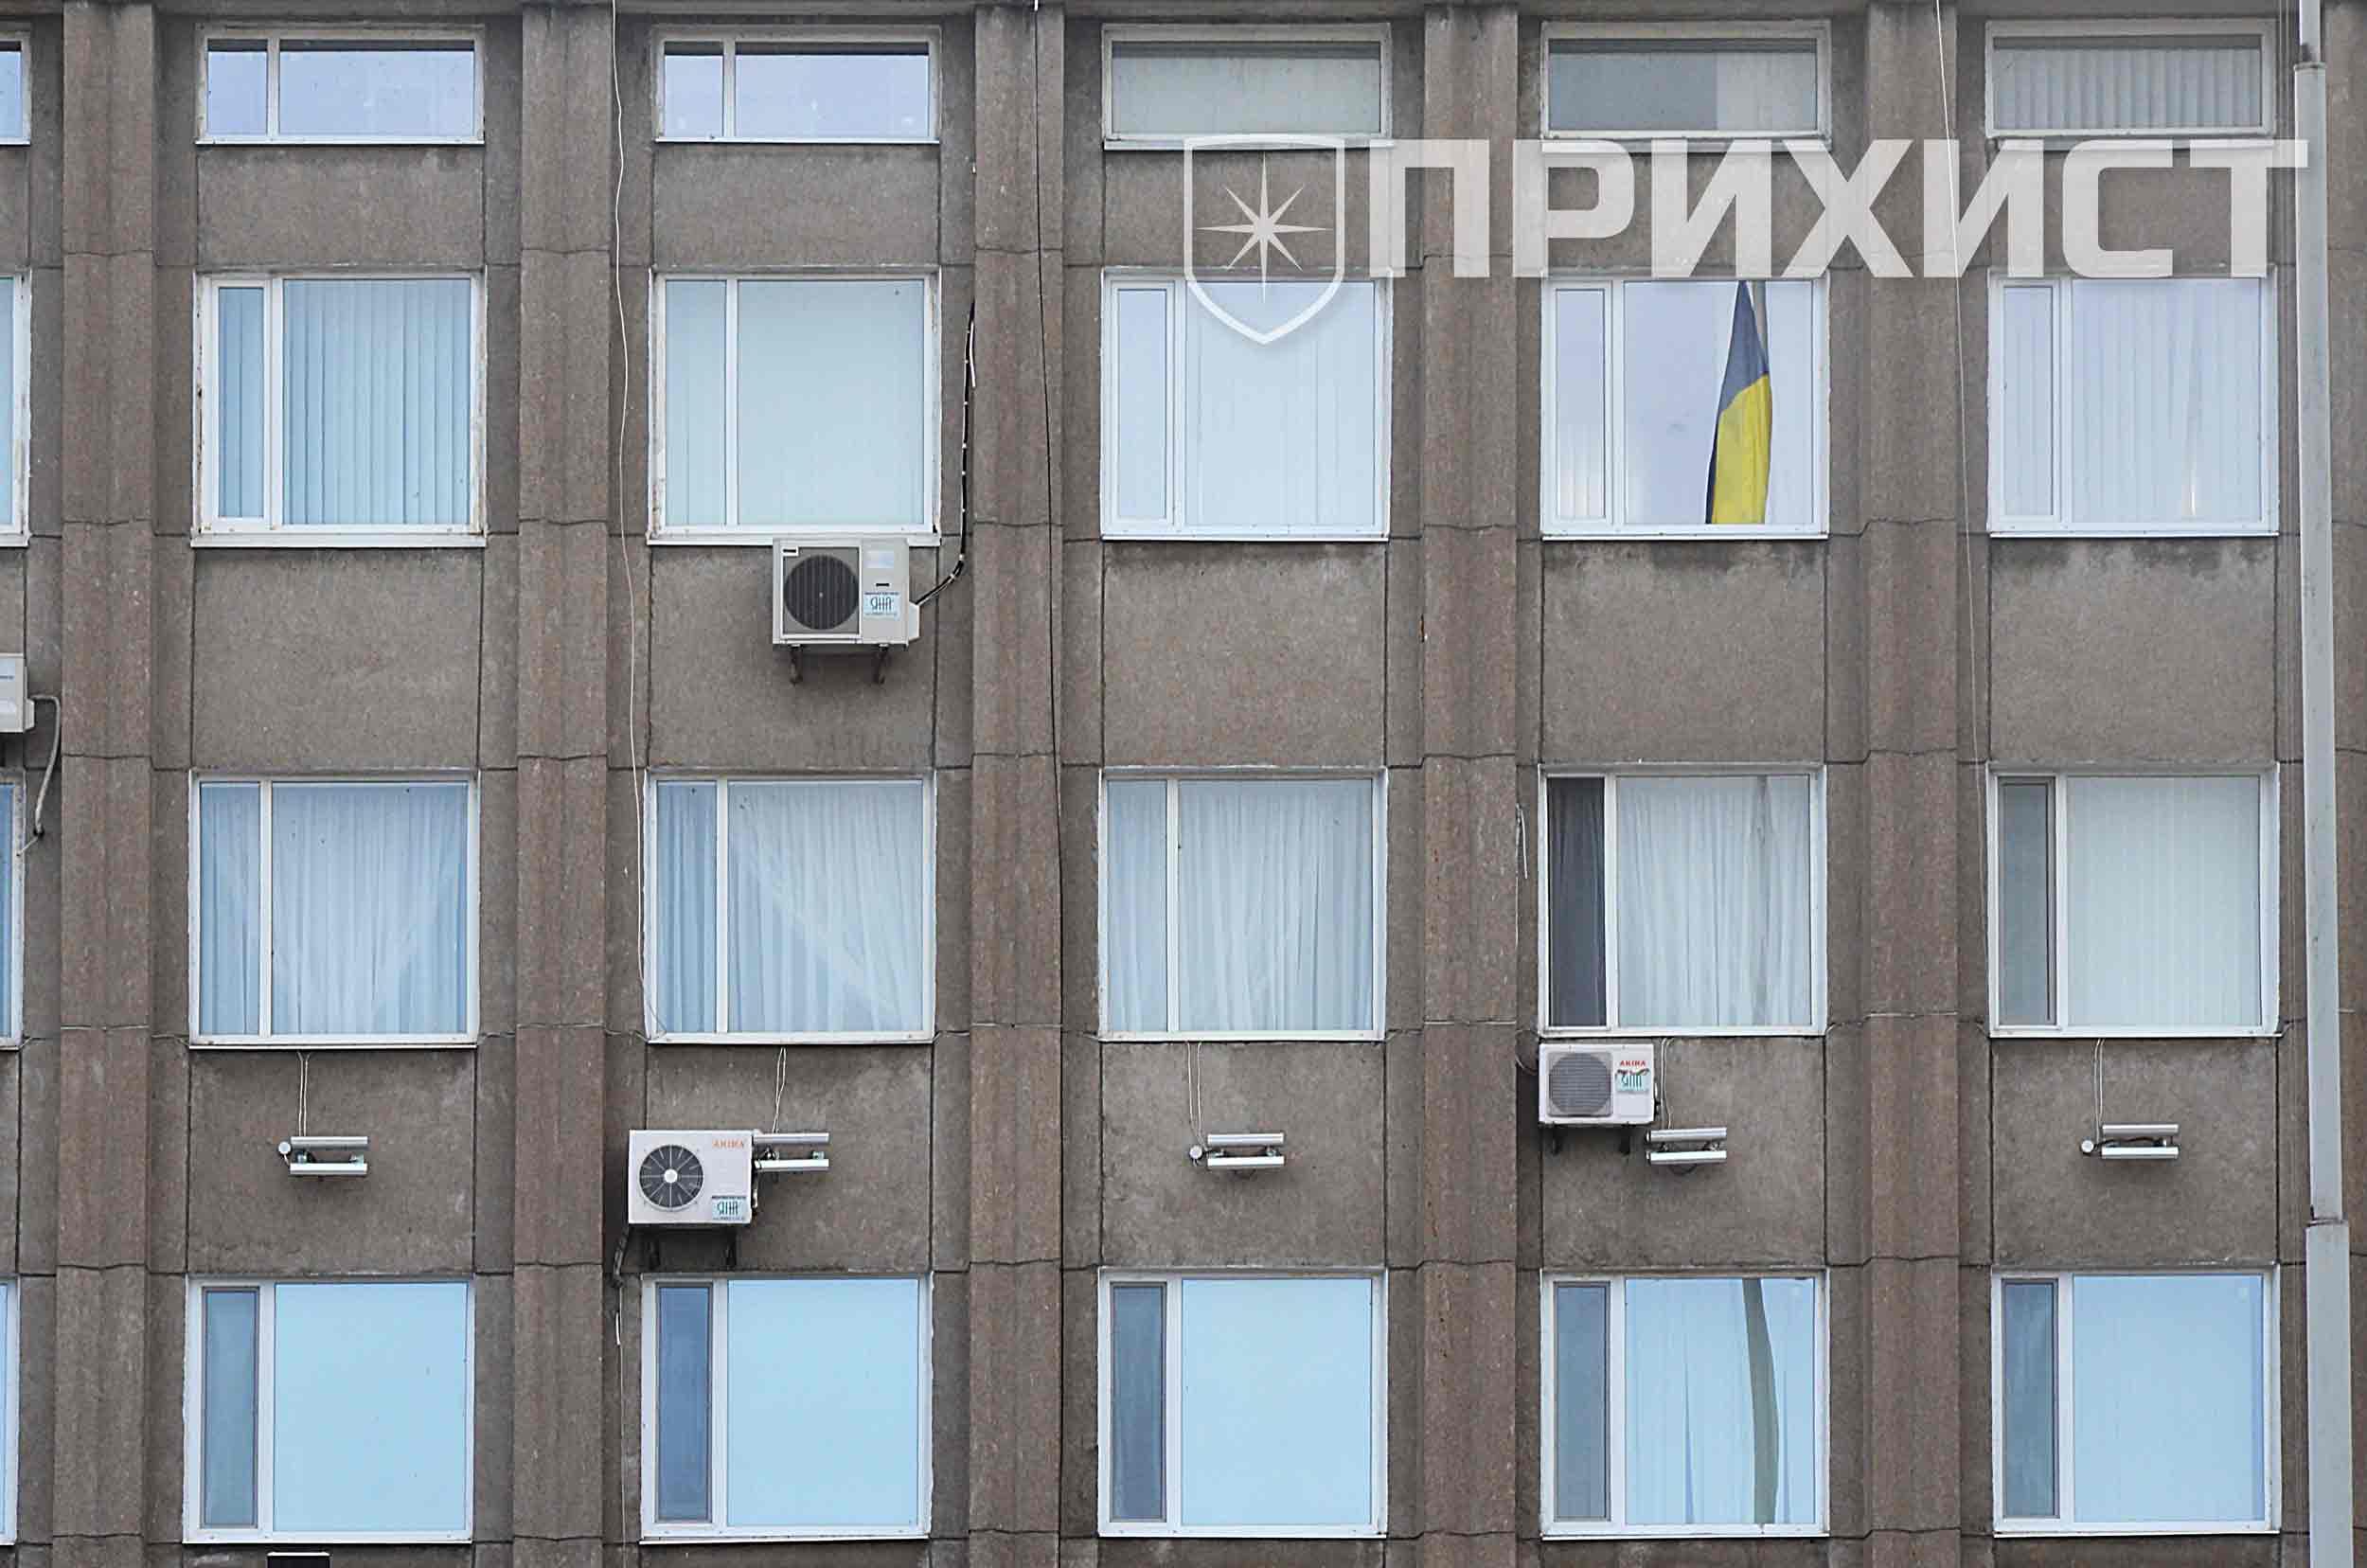 Социология: Руслан Олейник и партия «Слуга народа» первые по результатам опроса | Прихист